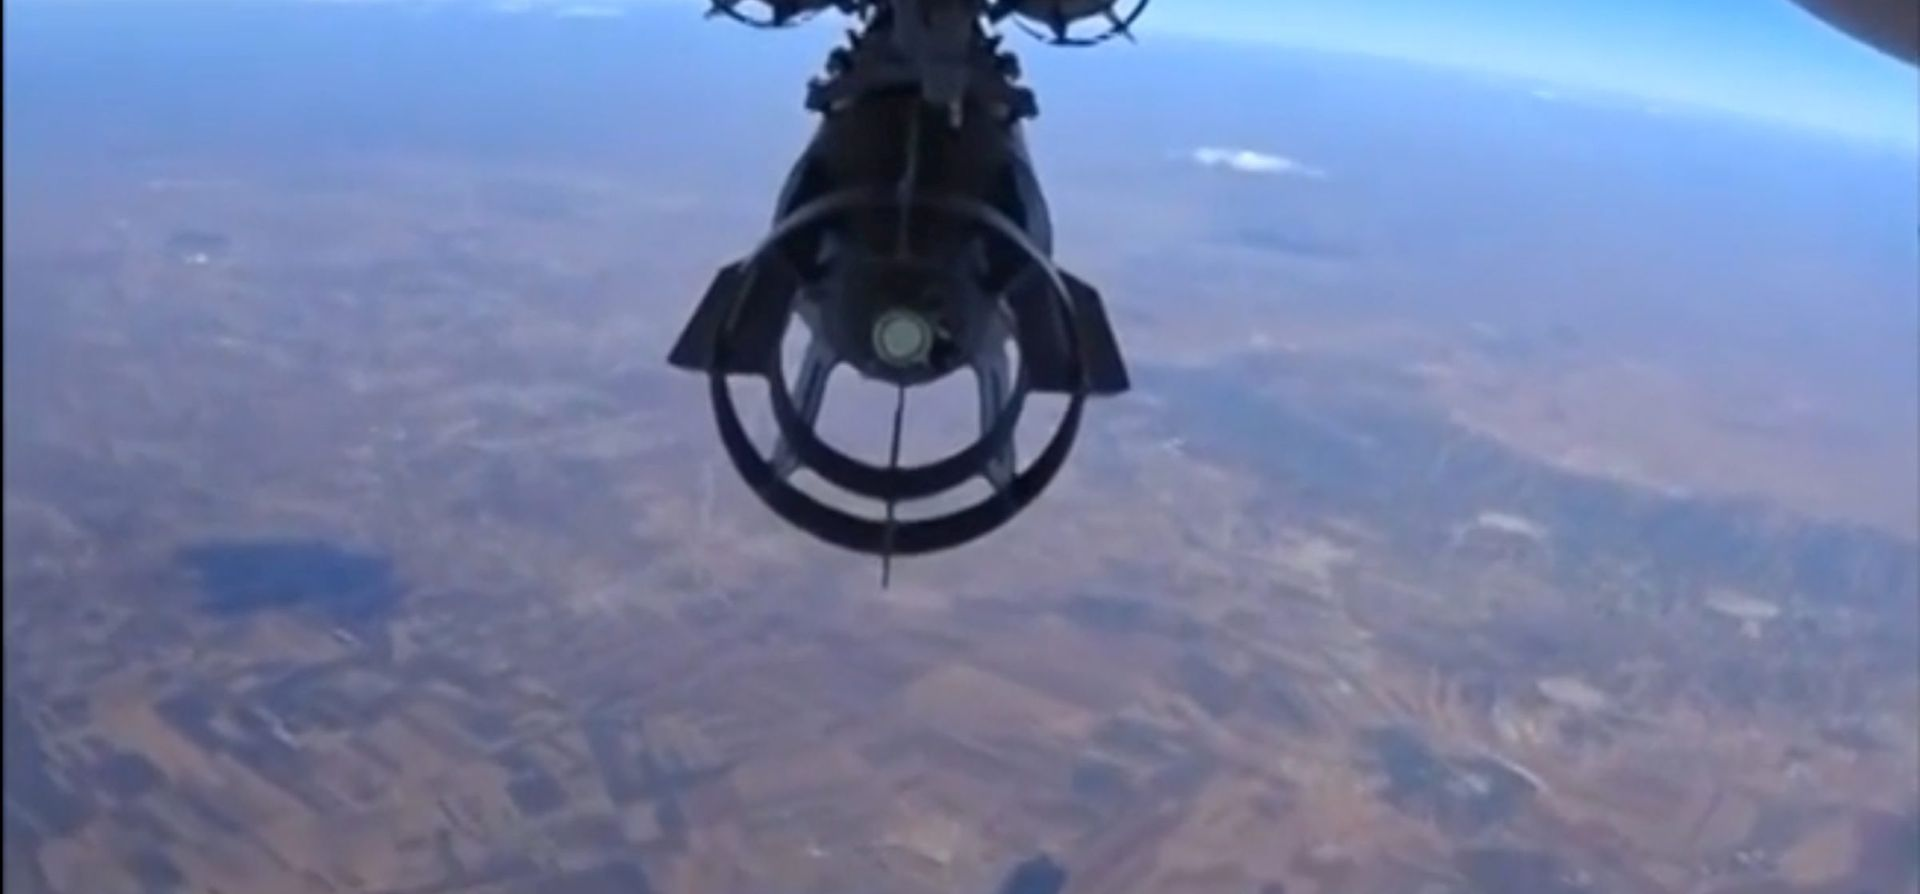 NATO O RUSKIM UPADIMA U TURSKI ZRAČNI PROSTOR Nastavljaju se napadi, Rusi pogodili i Palmiru?